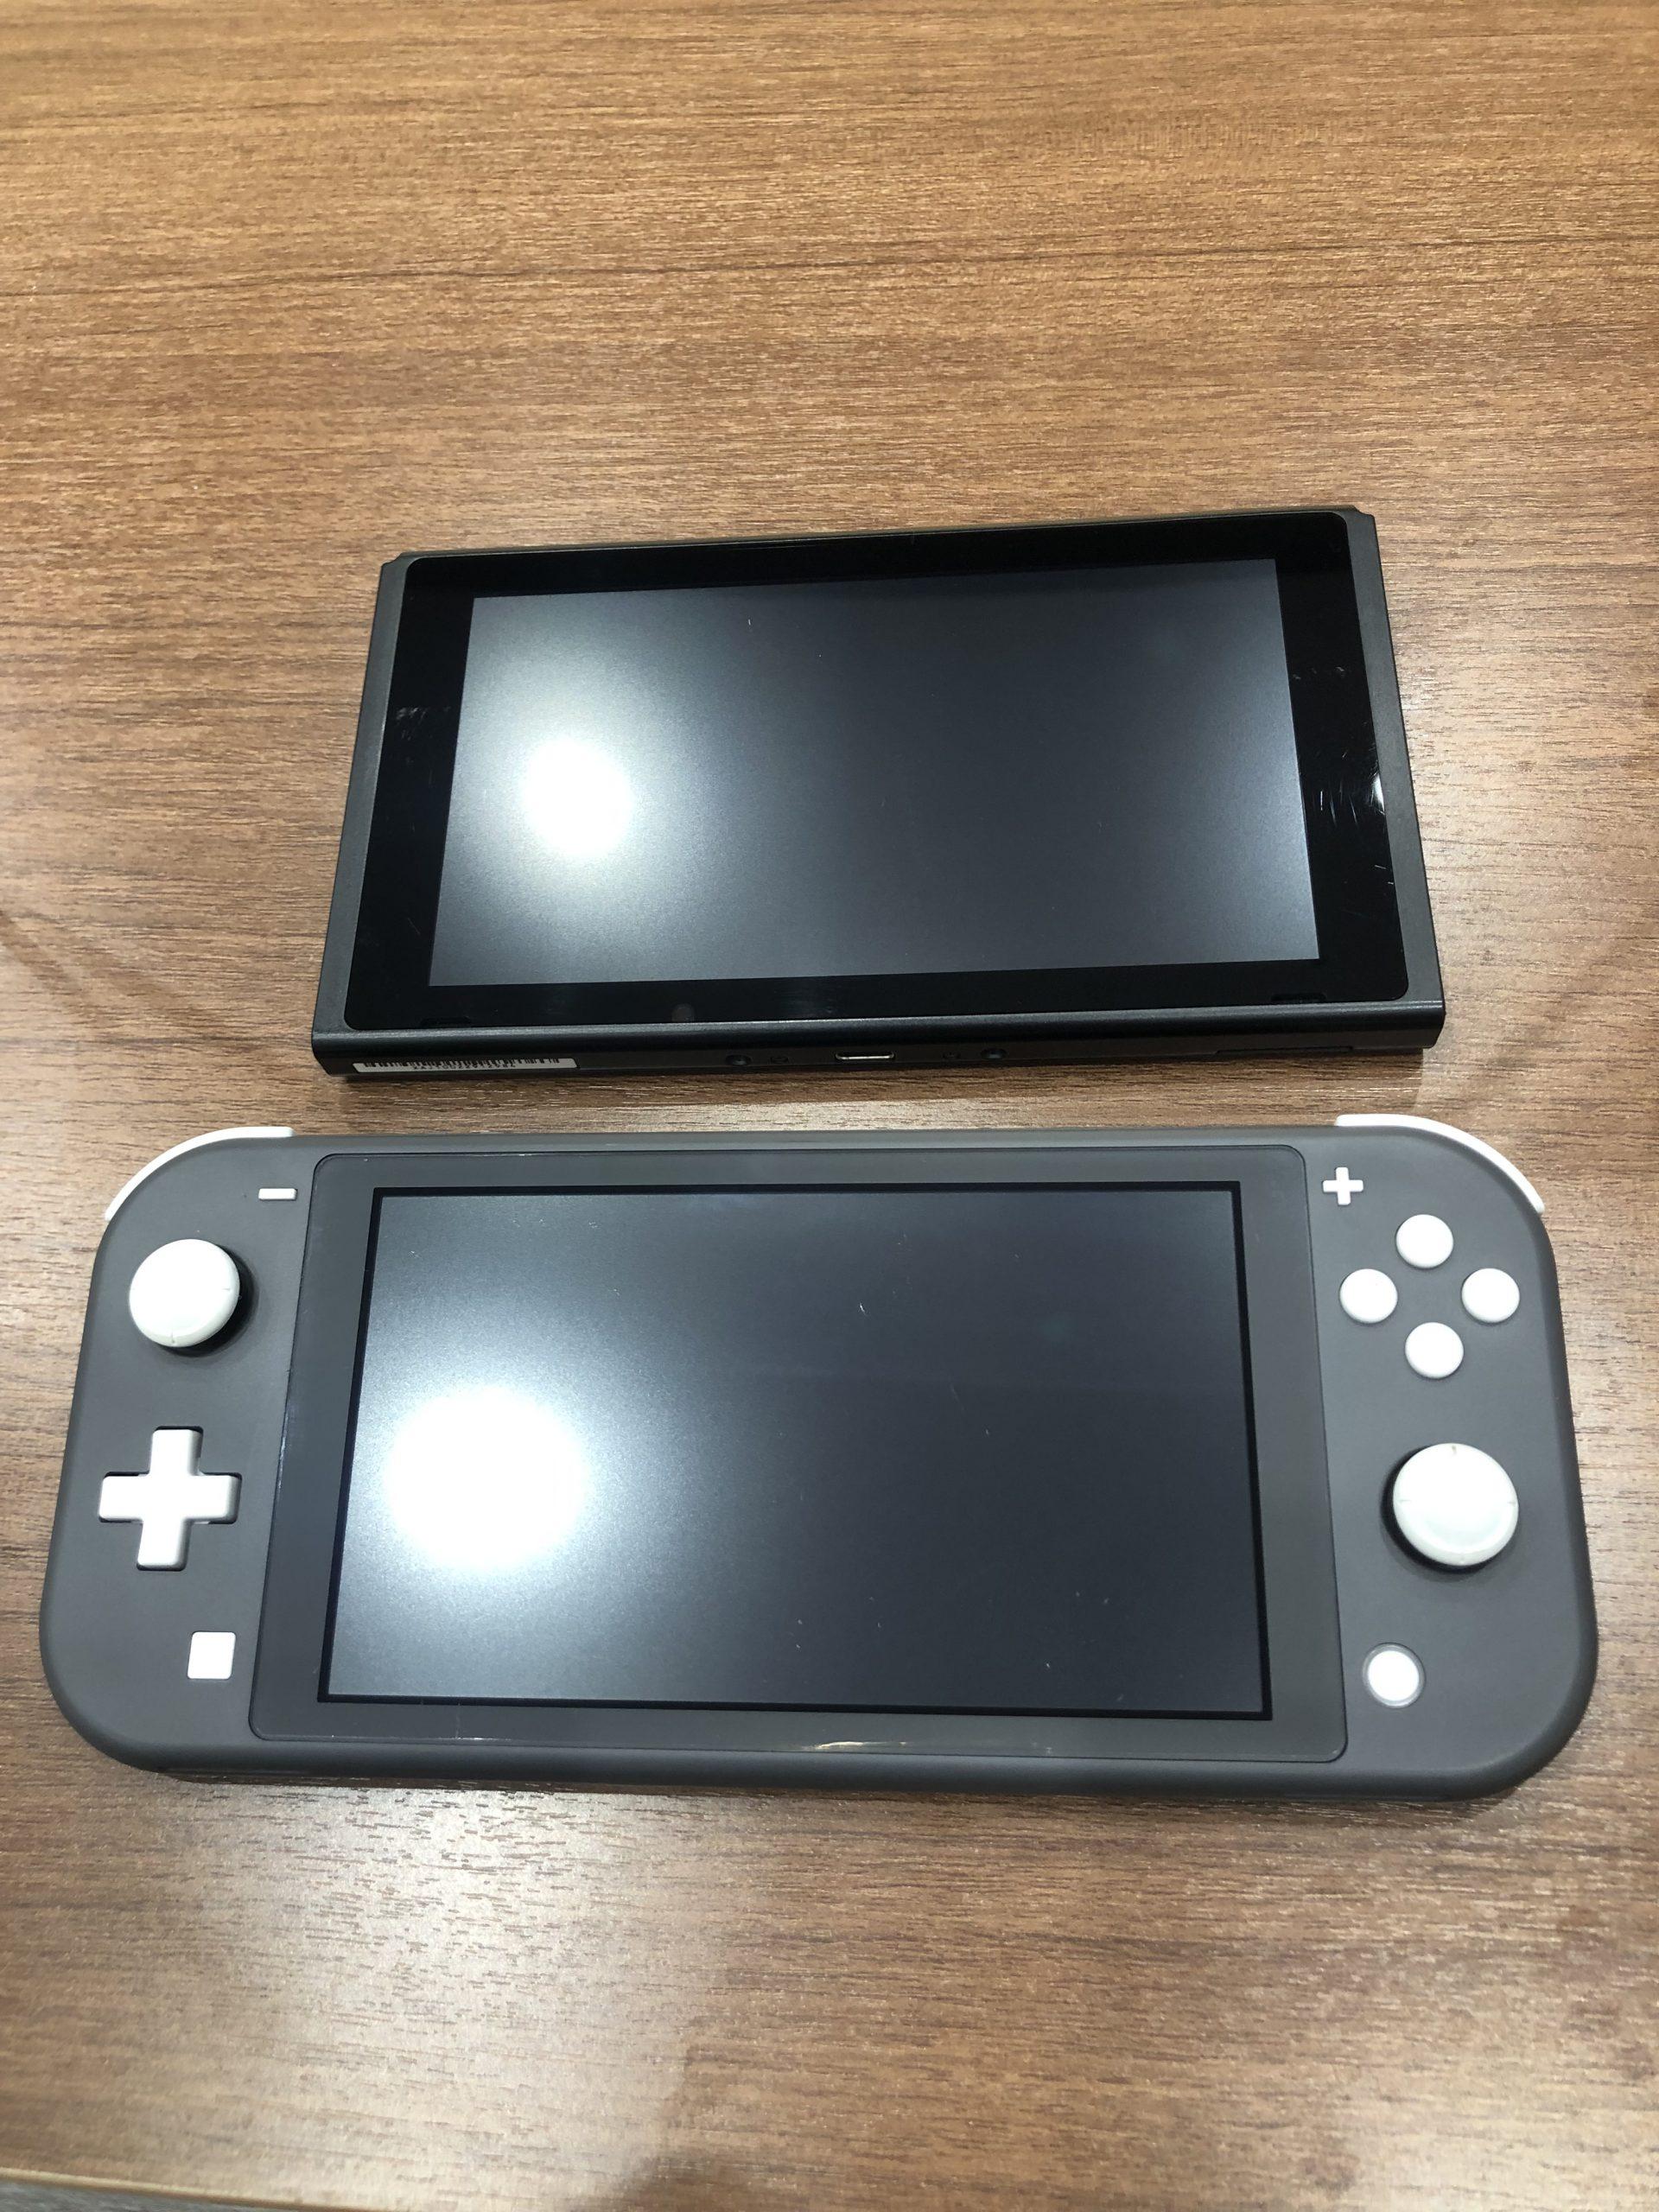 スマートクールイオンモール高知店ではSwitch、Switch Lite両方の修理をおこなっております!!